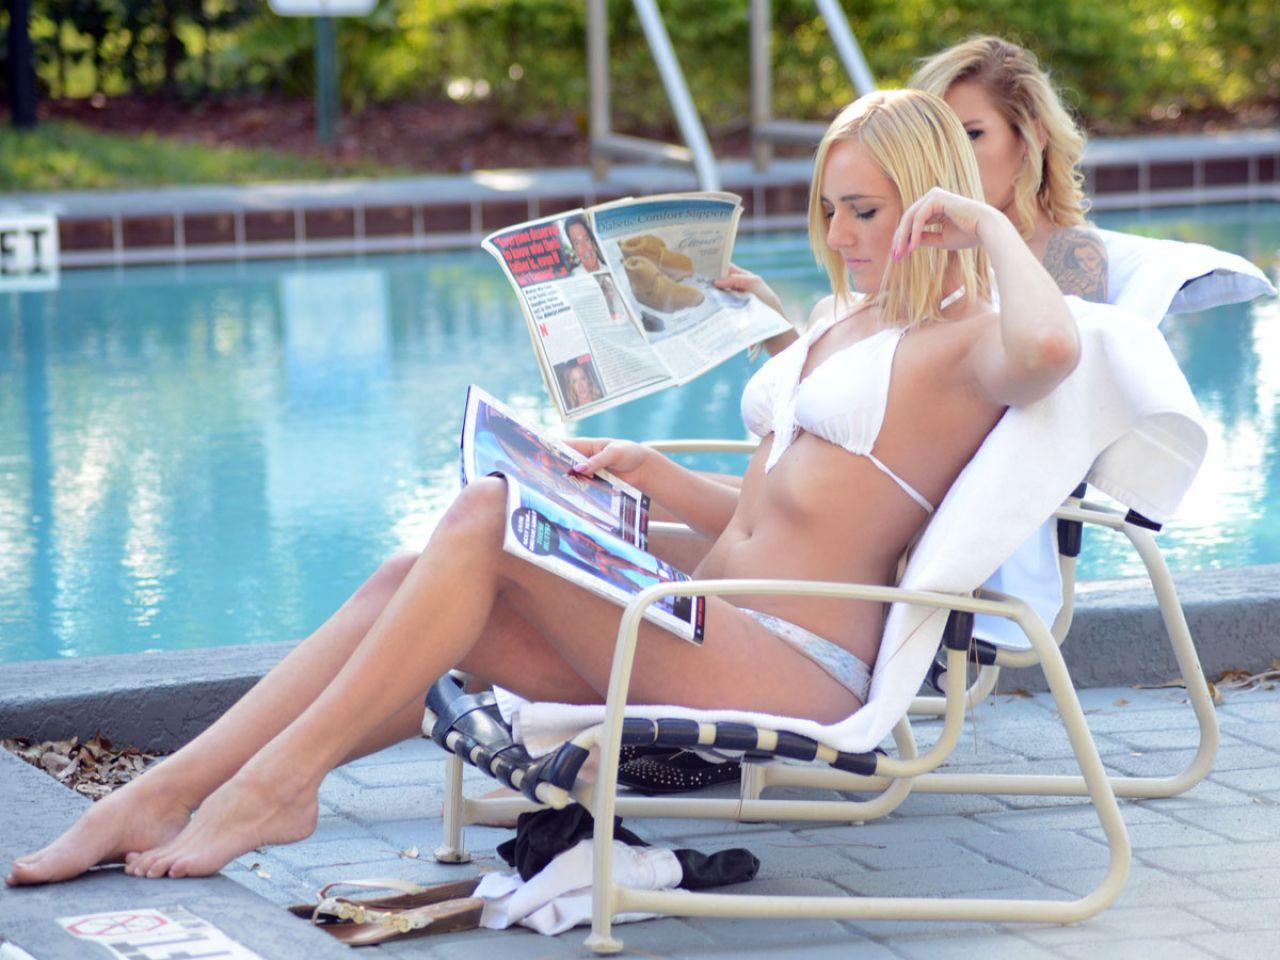 Bikini in england